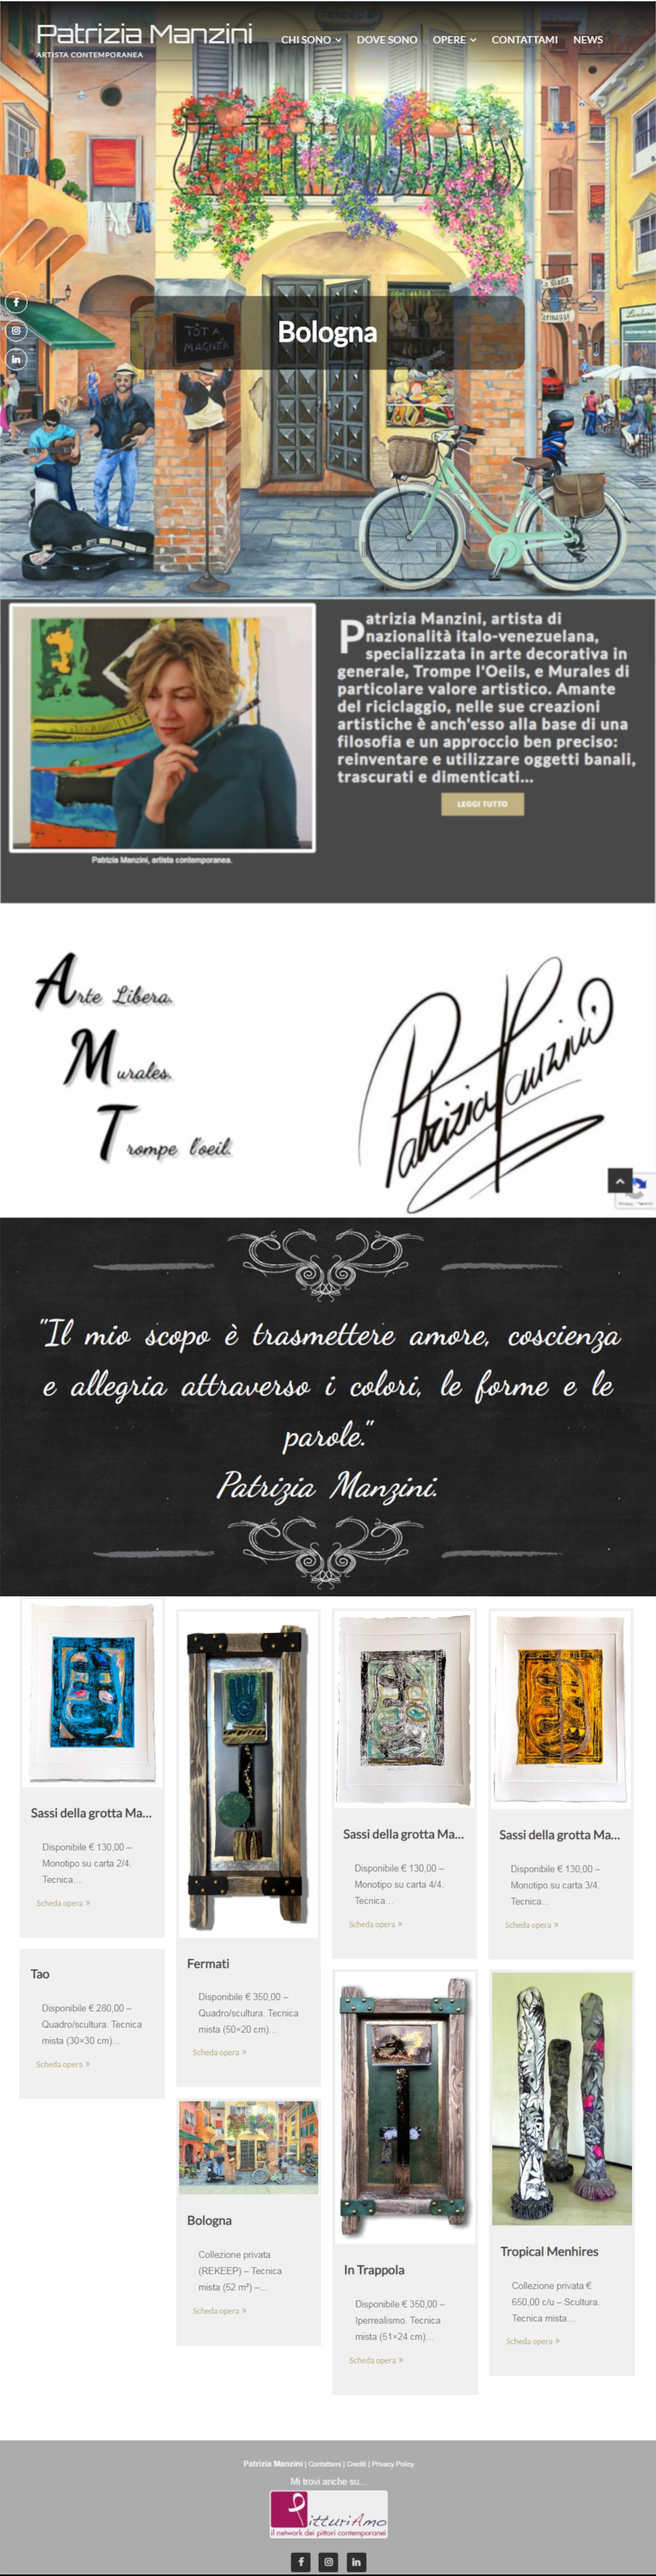 Patrizia Manzini - Il sito della pittrice è online - Homepage